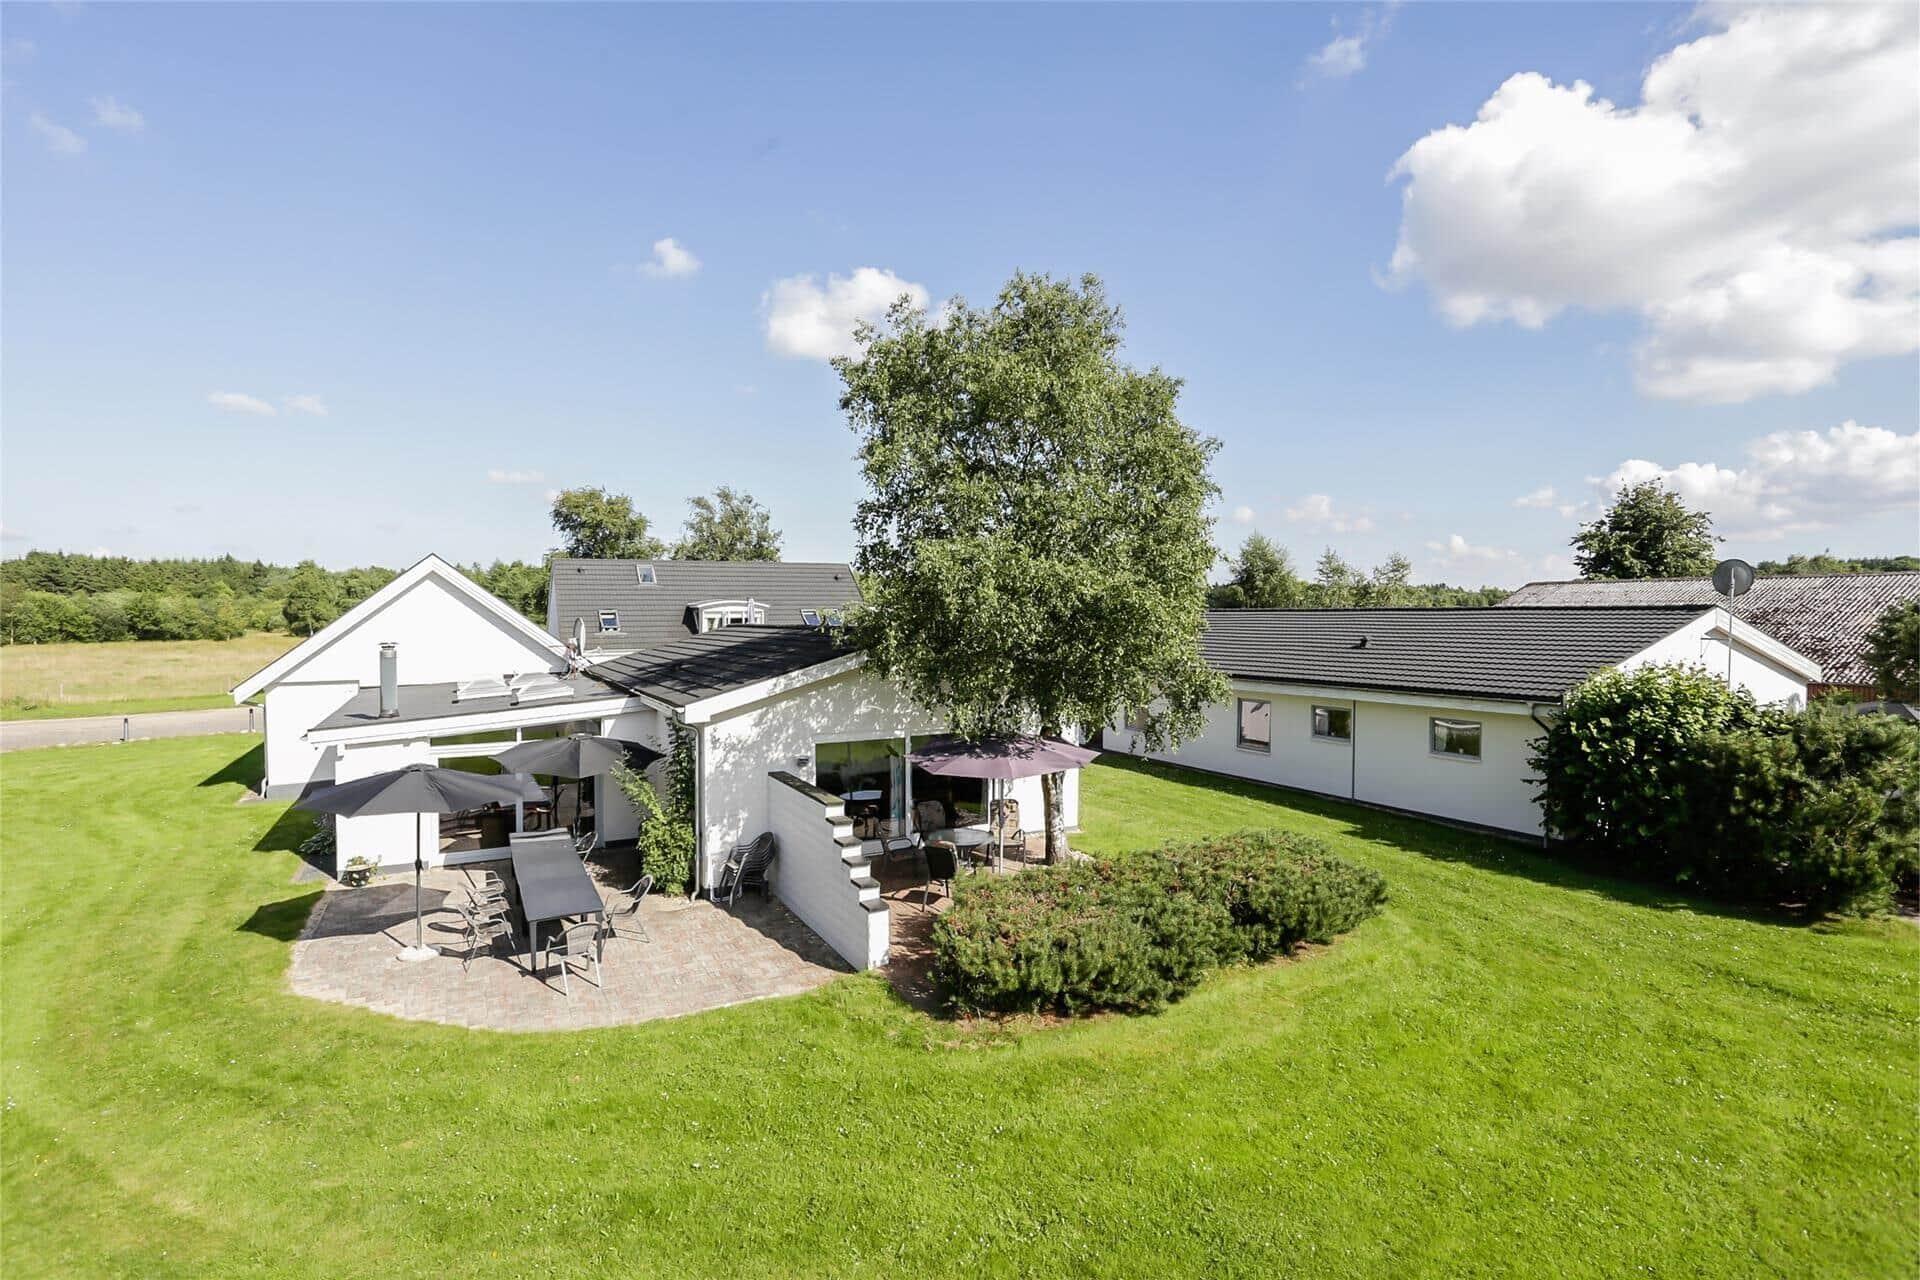 Billede 1-3 Sommerhus F30133, Nørhovedvej 16, DK - 8766 Nørre Snede